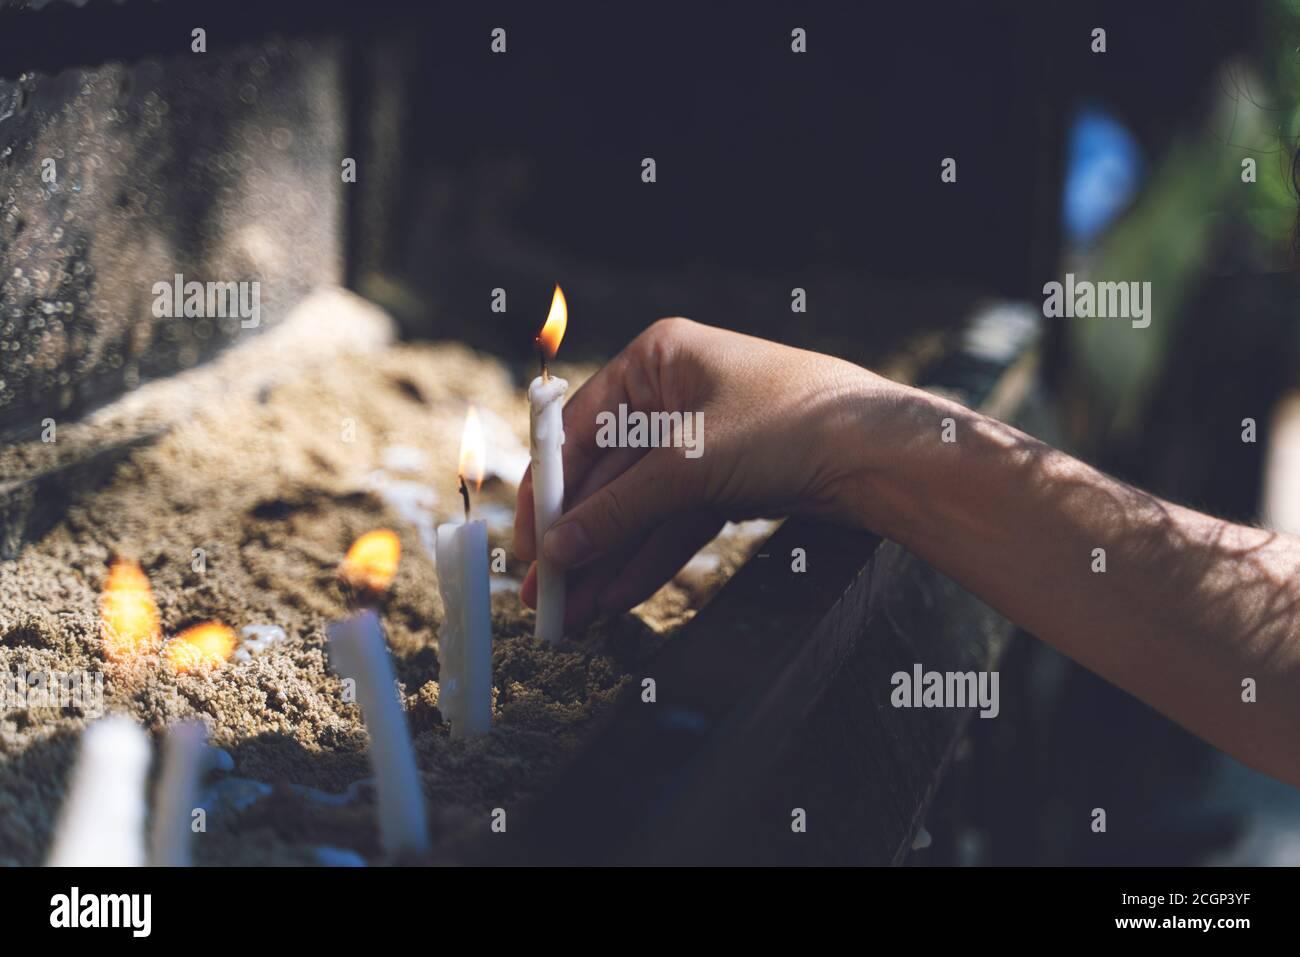 Mujer orando y quemando velas en el jardín de la casa de la Virgen María. Quemando velas blancas en el soporte. Adoración Foto de stock